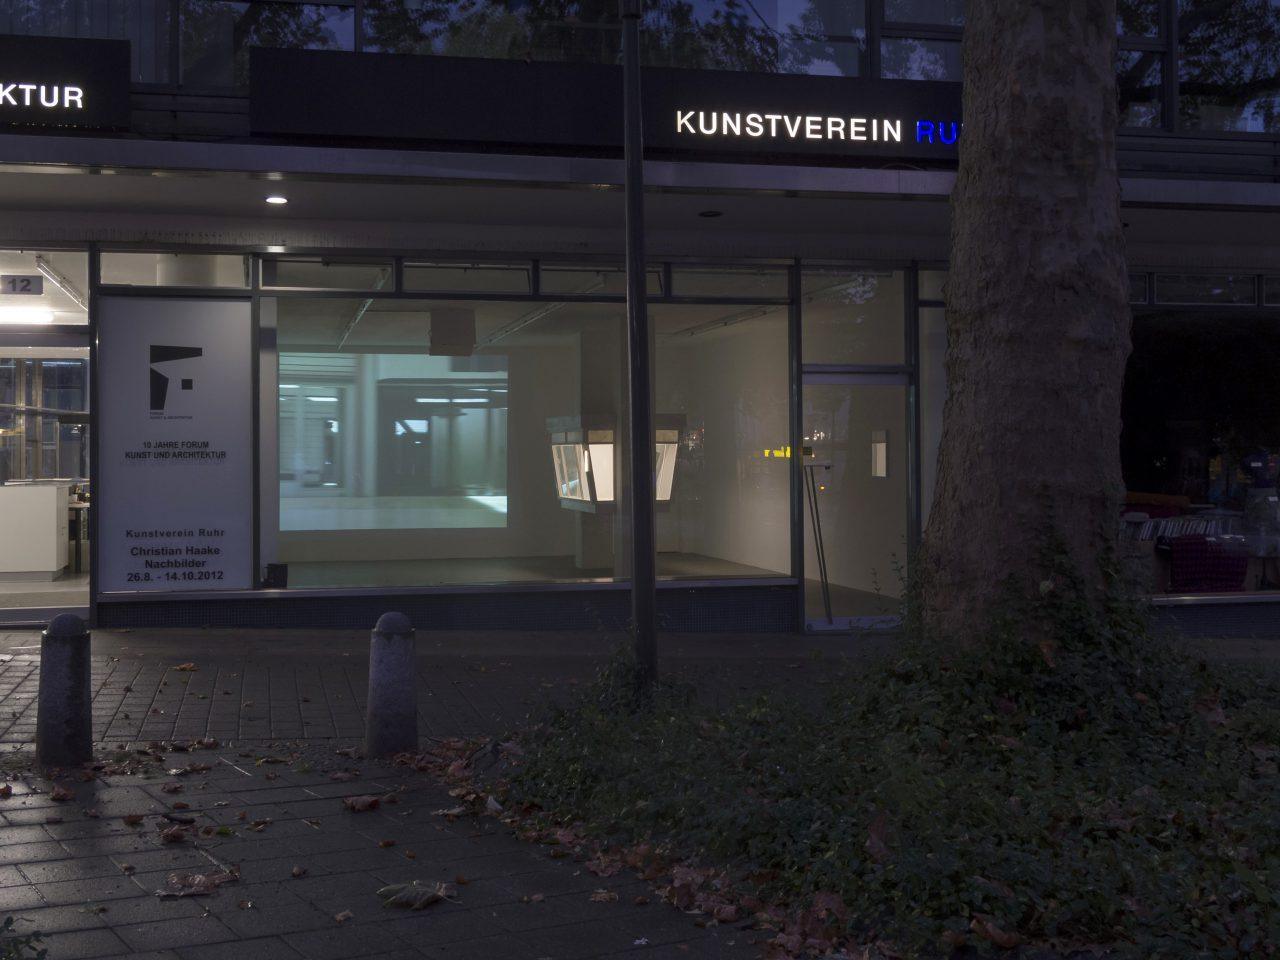 Jahresgaben // Kunstverein Ruhr